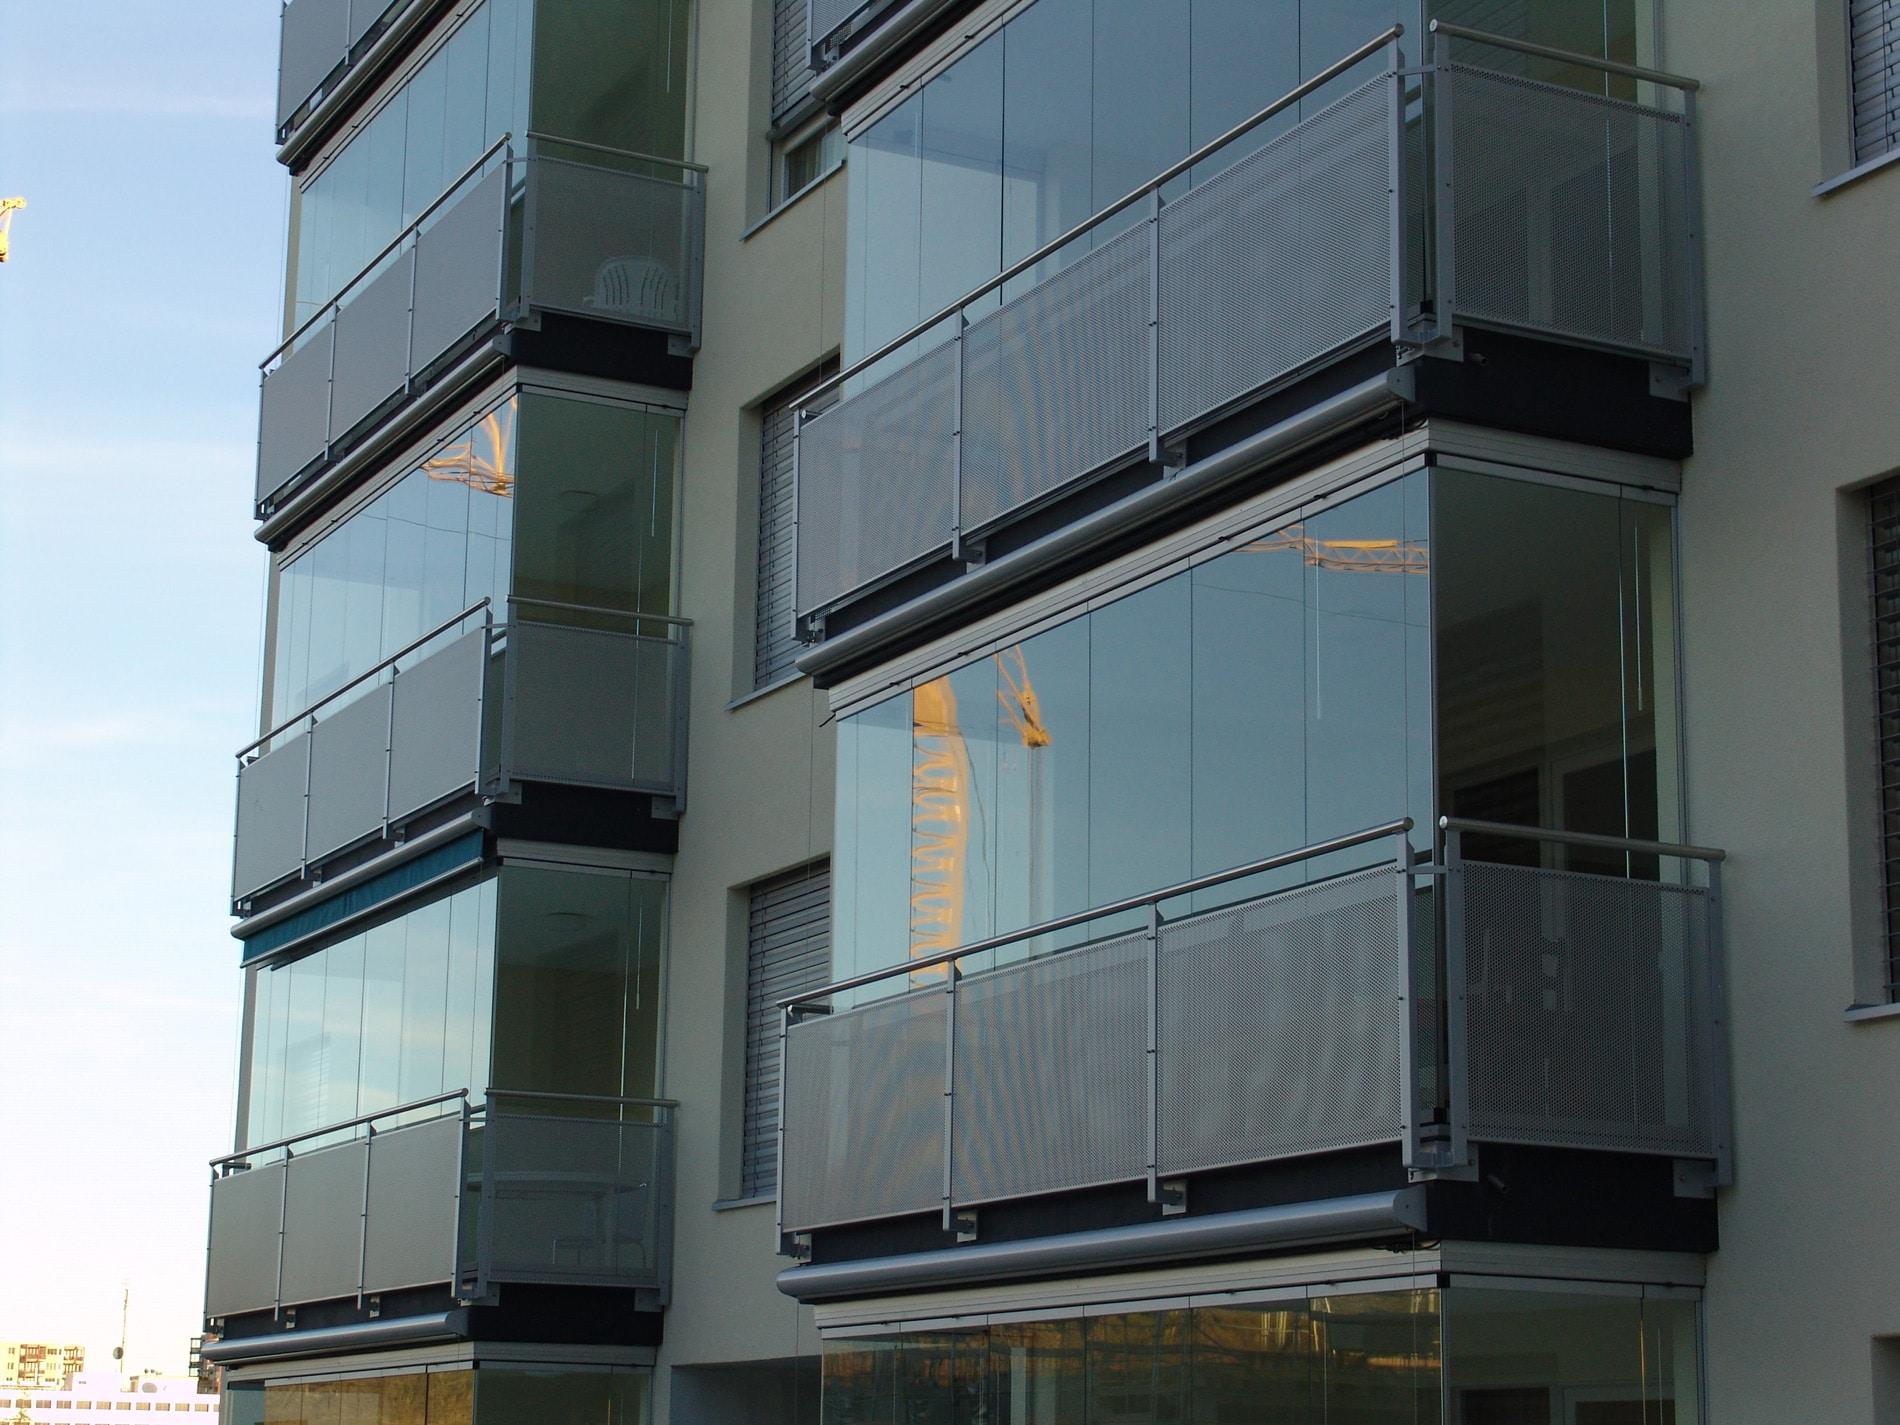 Balkon verbauen mit Glas - Baustelle in Linz 4020